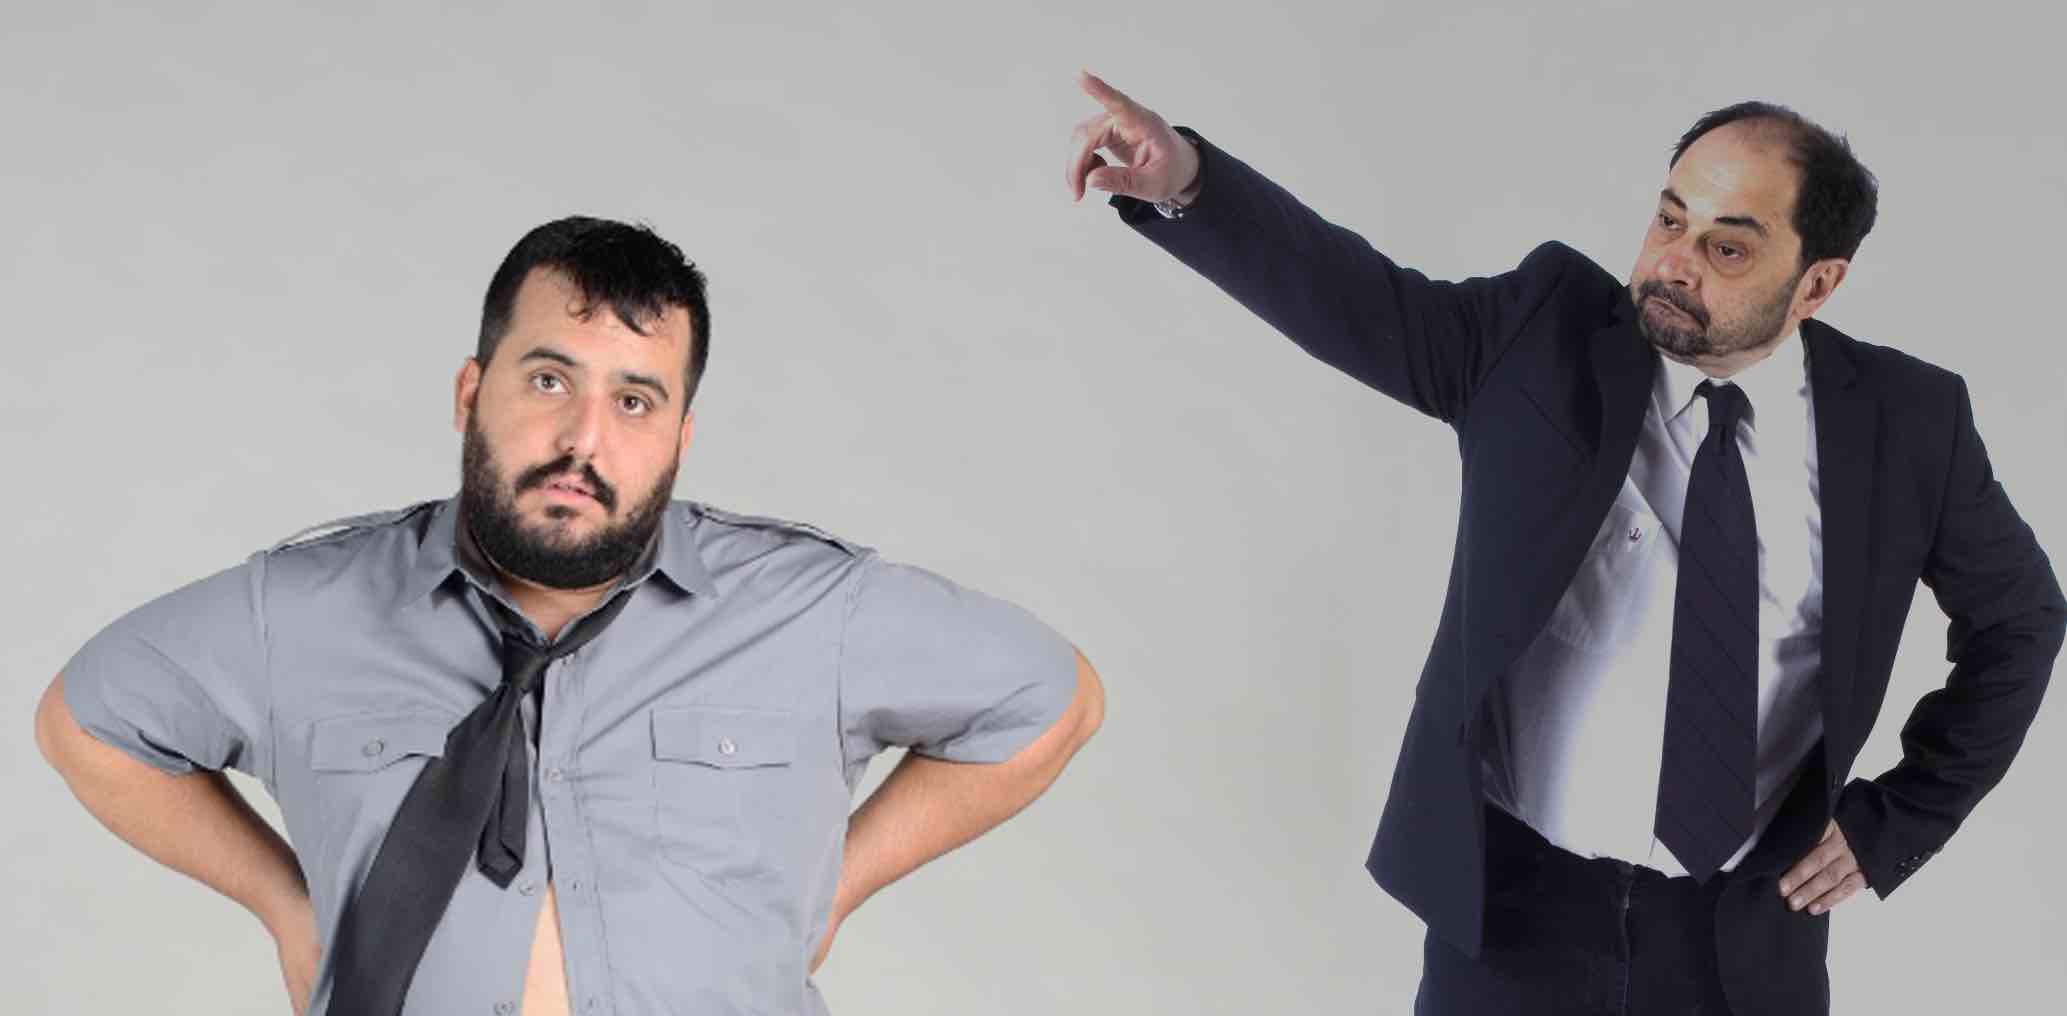 Entrevista – Kike Pérez y Jordi Sánchez: «Me gusta decir que soy un actor que escribe»